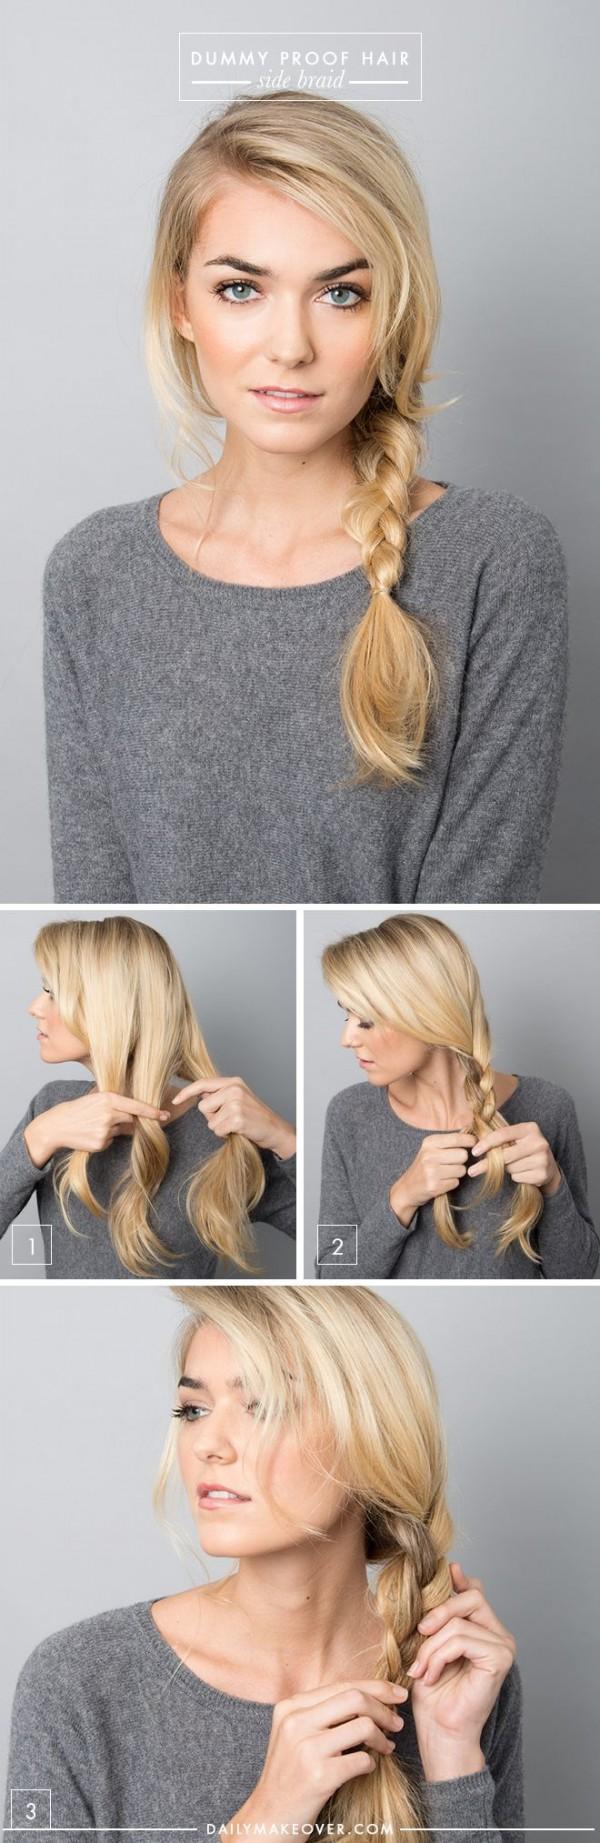 beach hairstyle14